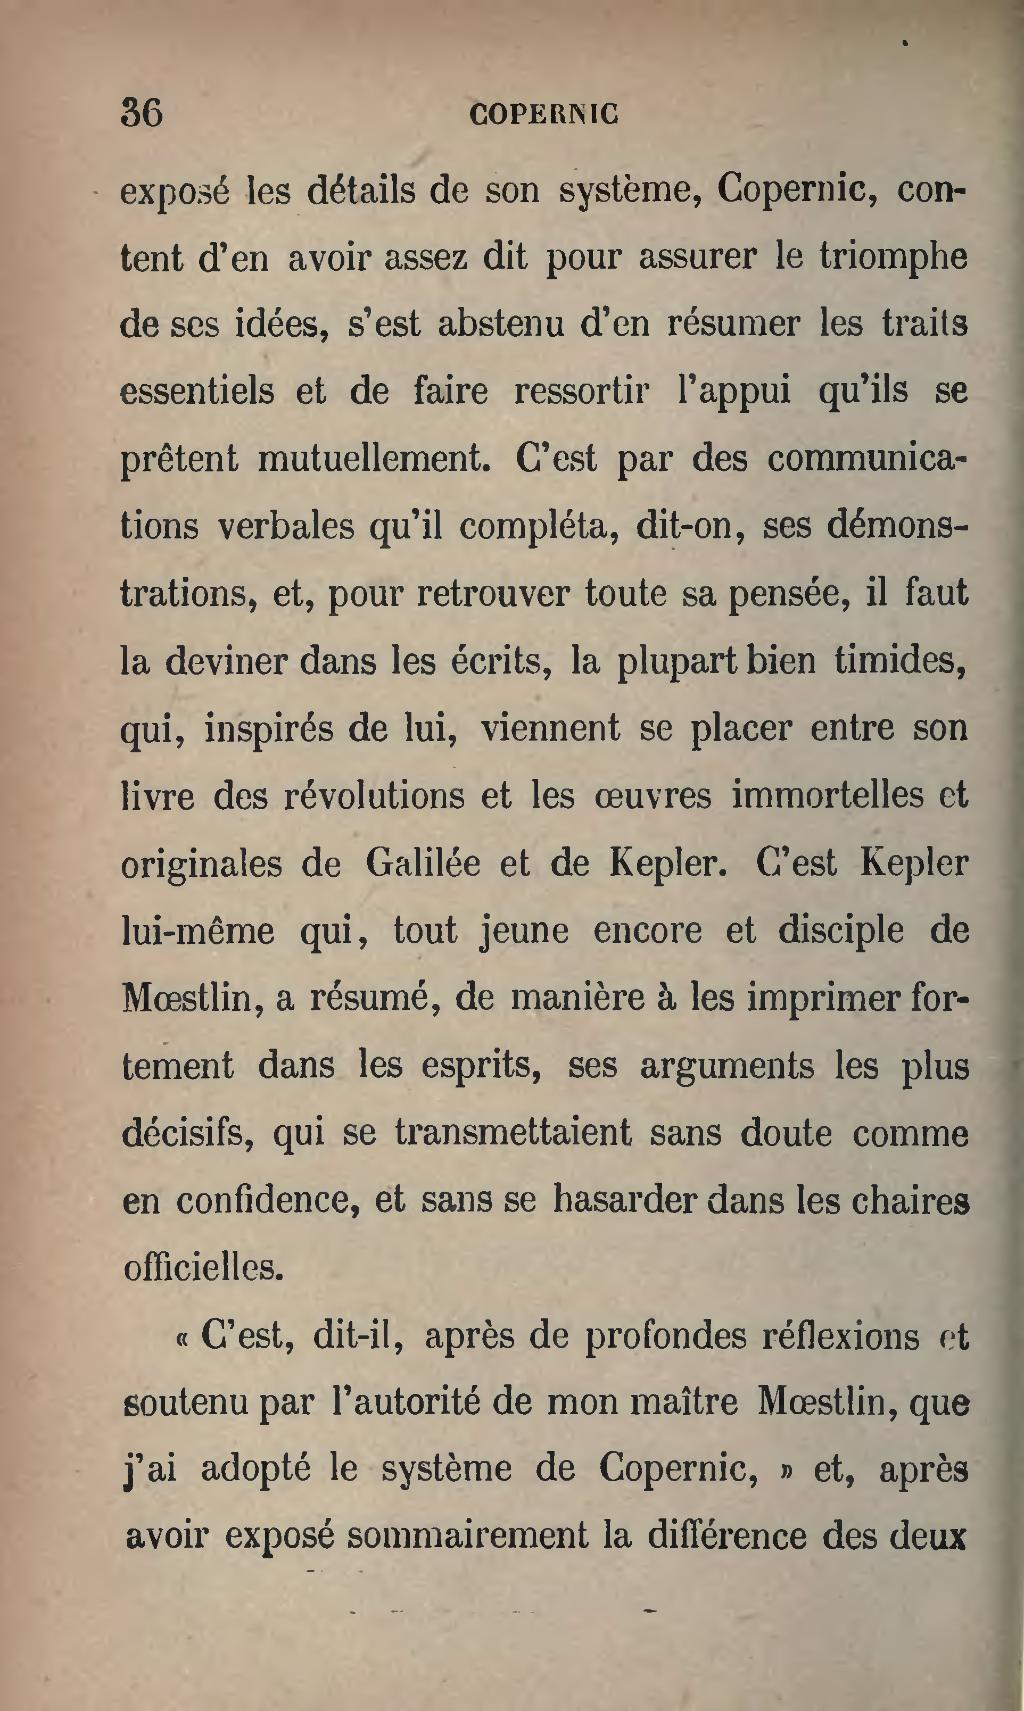 page bertrand les fondateurs de l astronomie moderne 1865 djvu 68